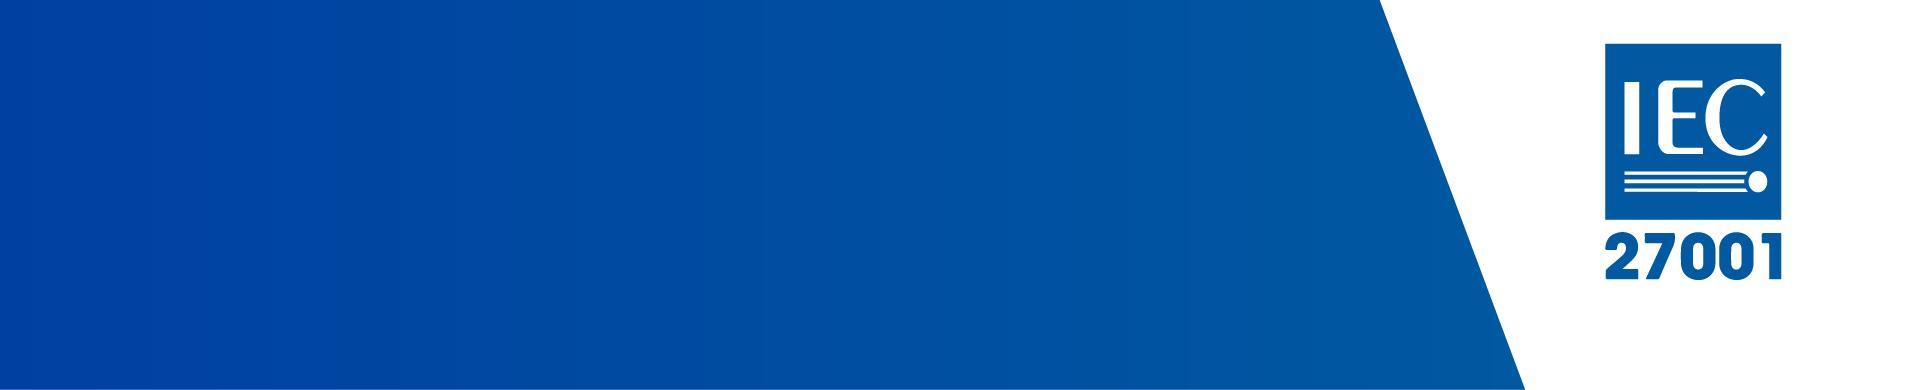 IEC 27001 Compliance